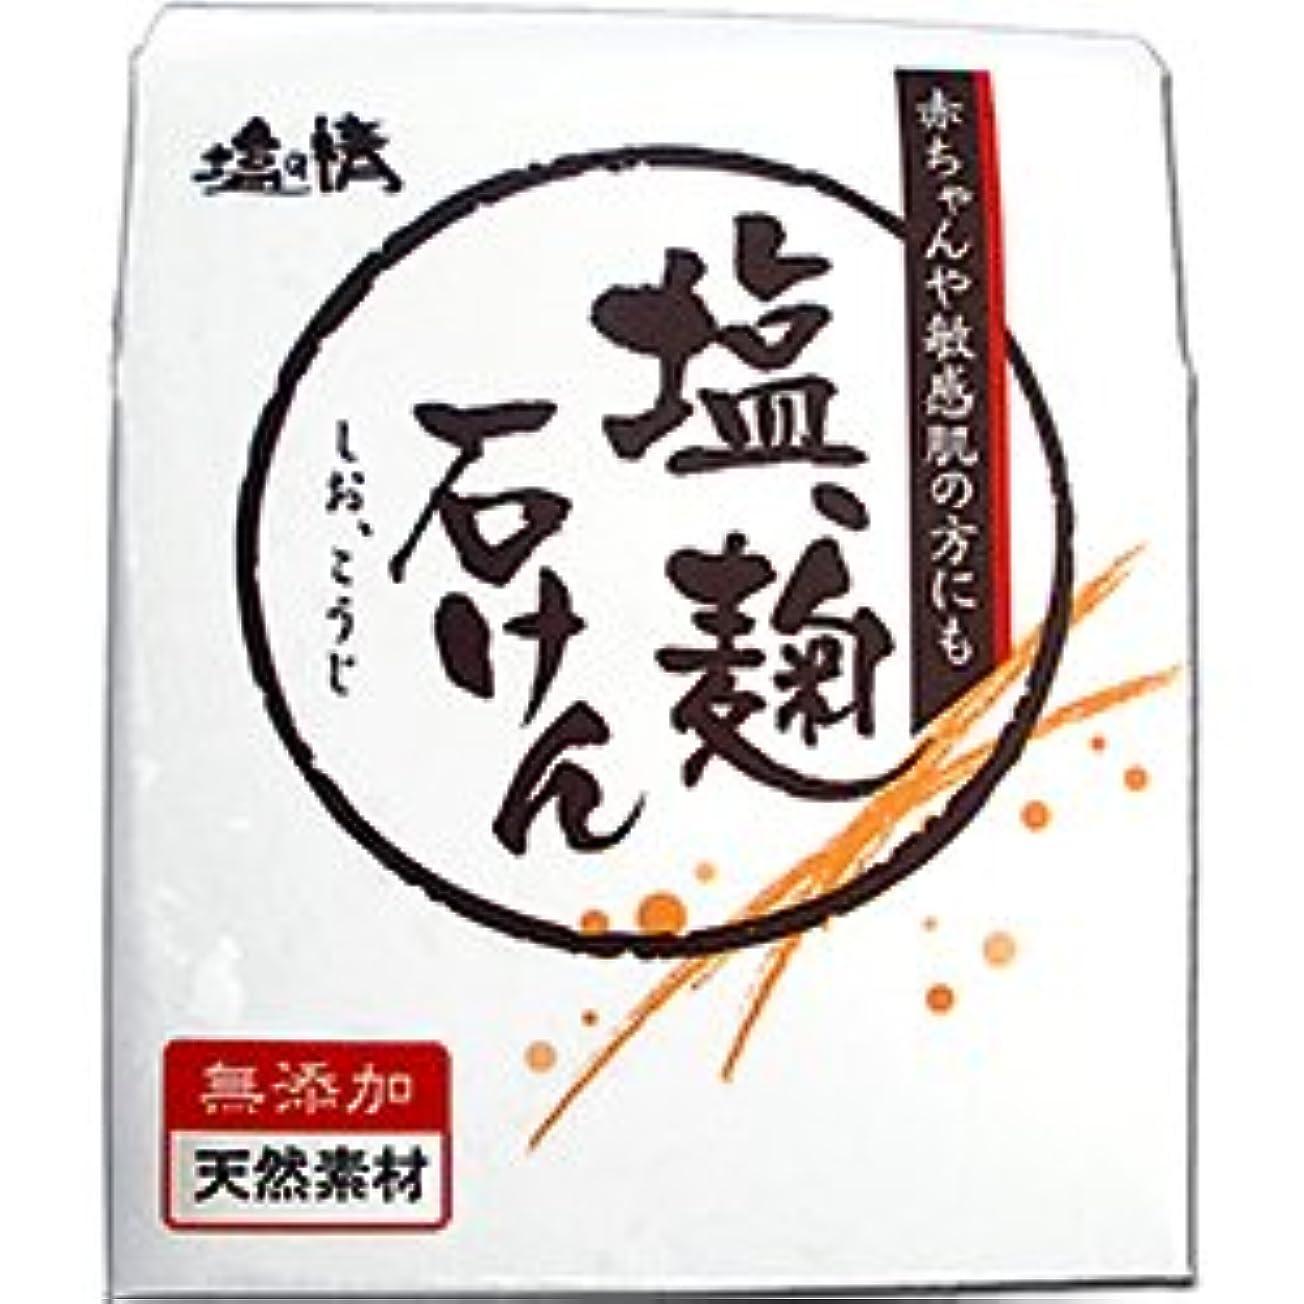 組手荷物味付け【ダイムヘルスケア】塩の精 塩、麹石けん(しお、こうじせっけん) 無添加?天然素材 80g ×5個セット